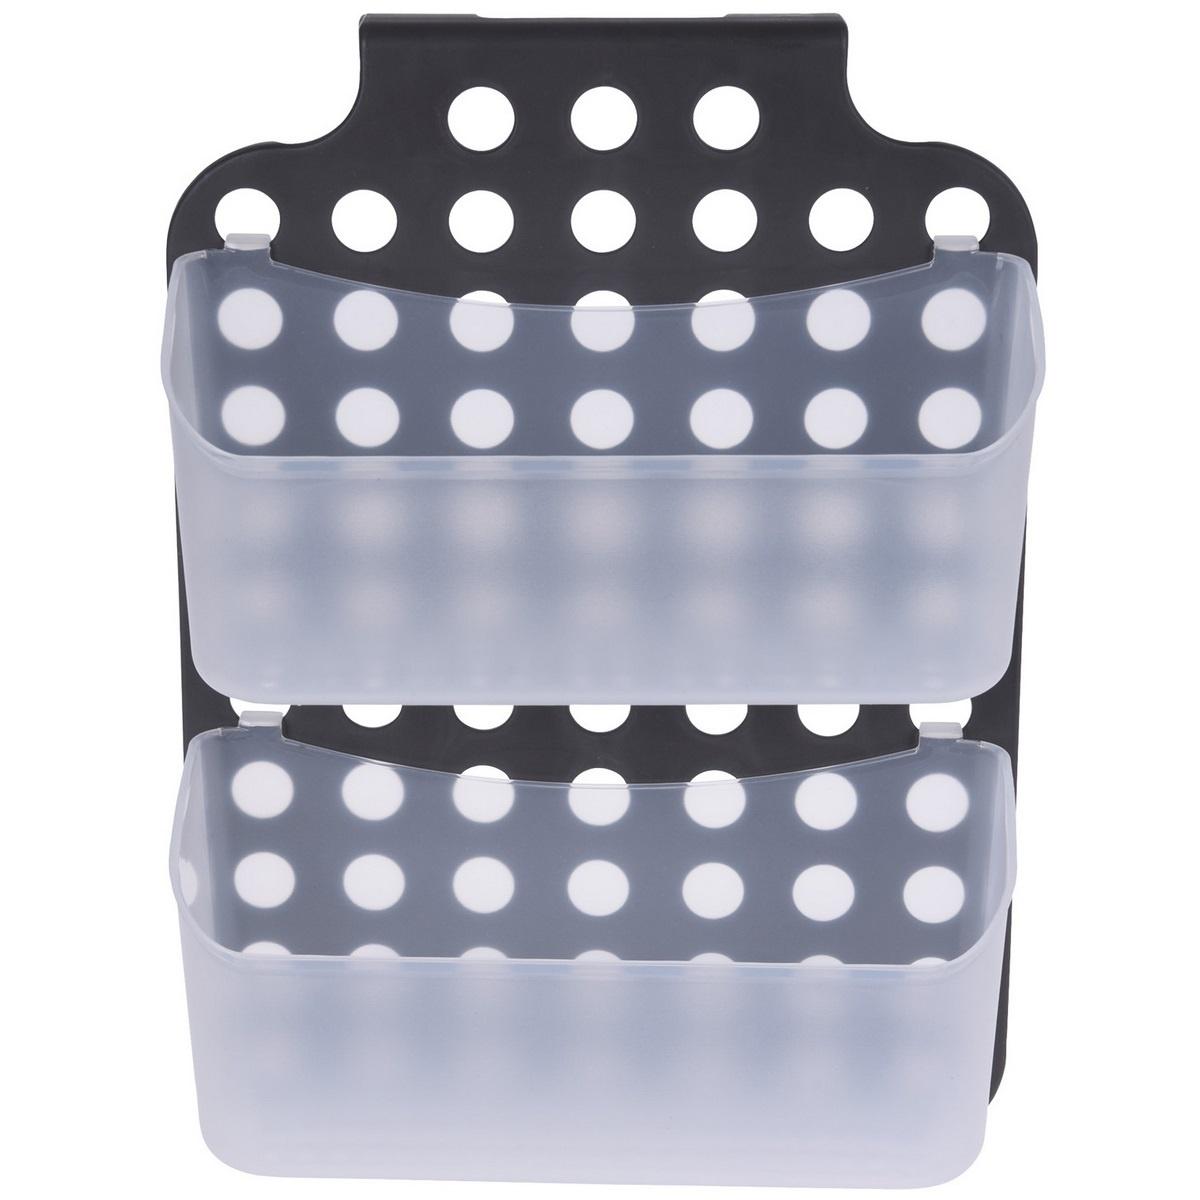 Kúpeľňový závesný košík, sivá, 36 x 25 x 9 cm